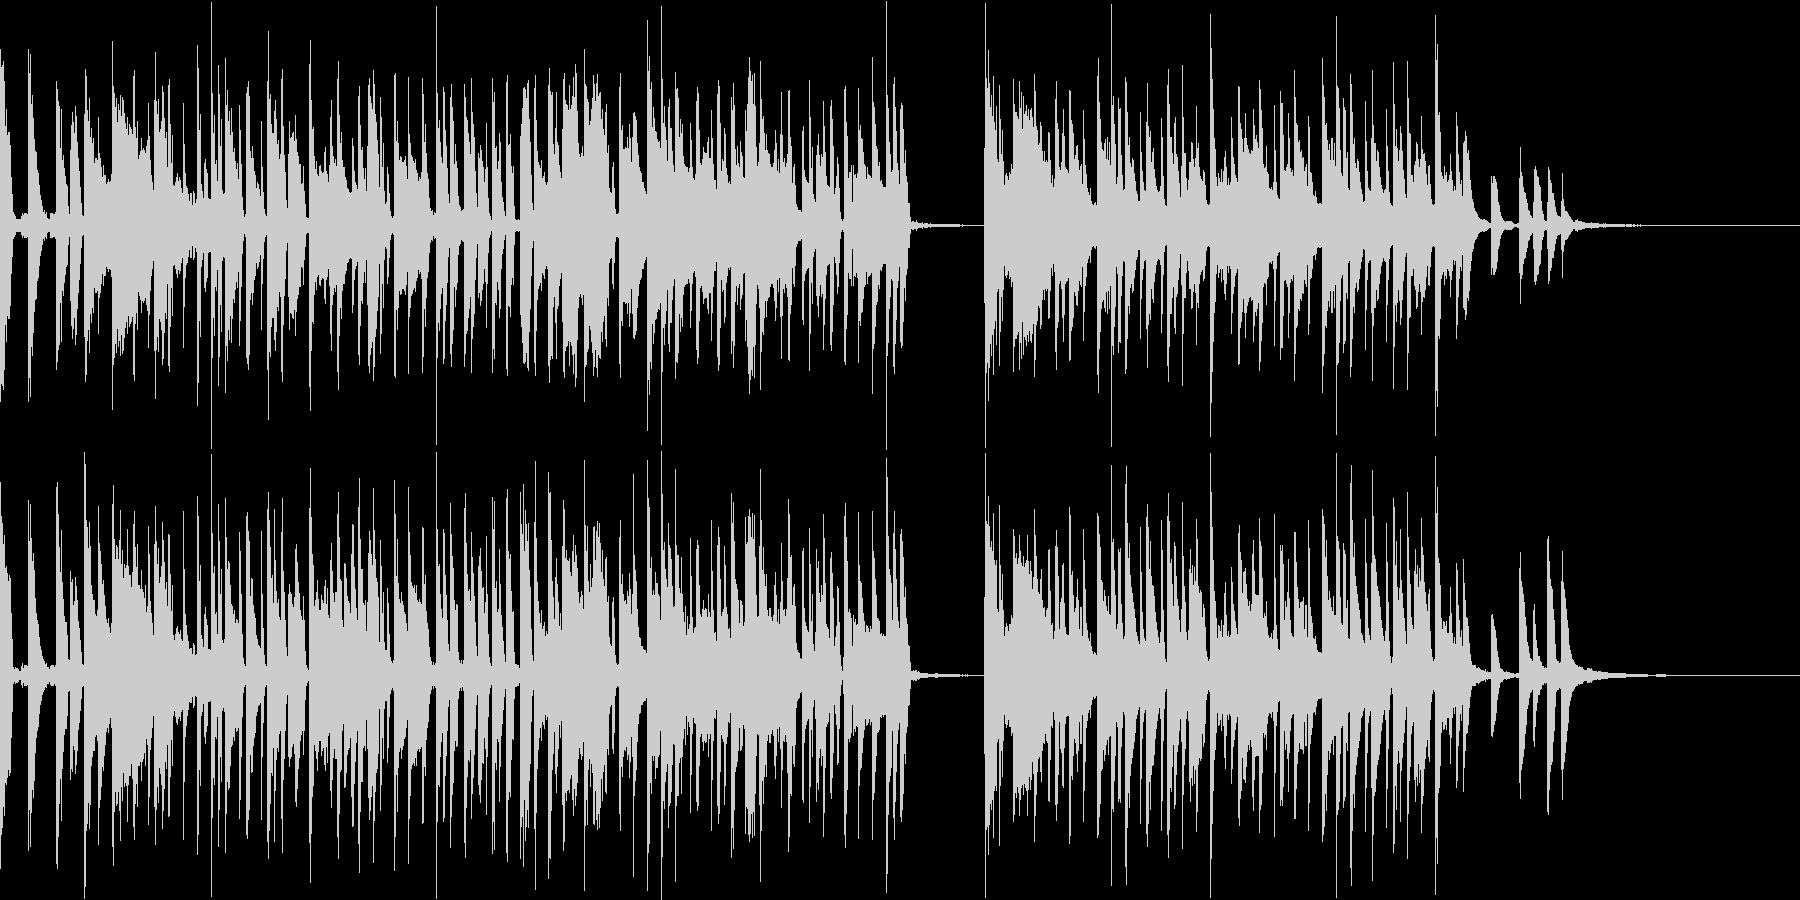 カワイイPOPオシャレでノリがいい曲の未再生の波形